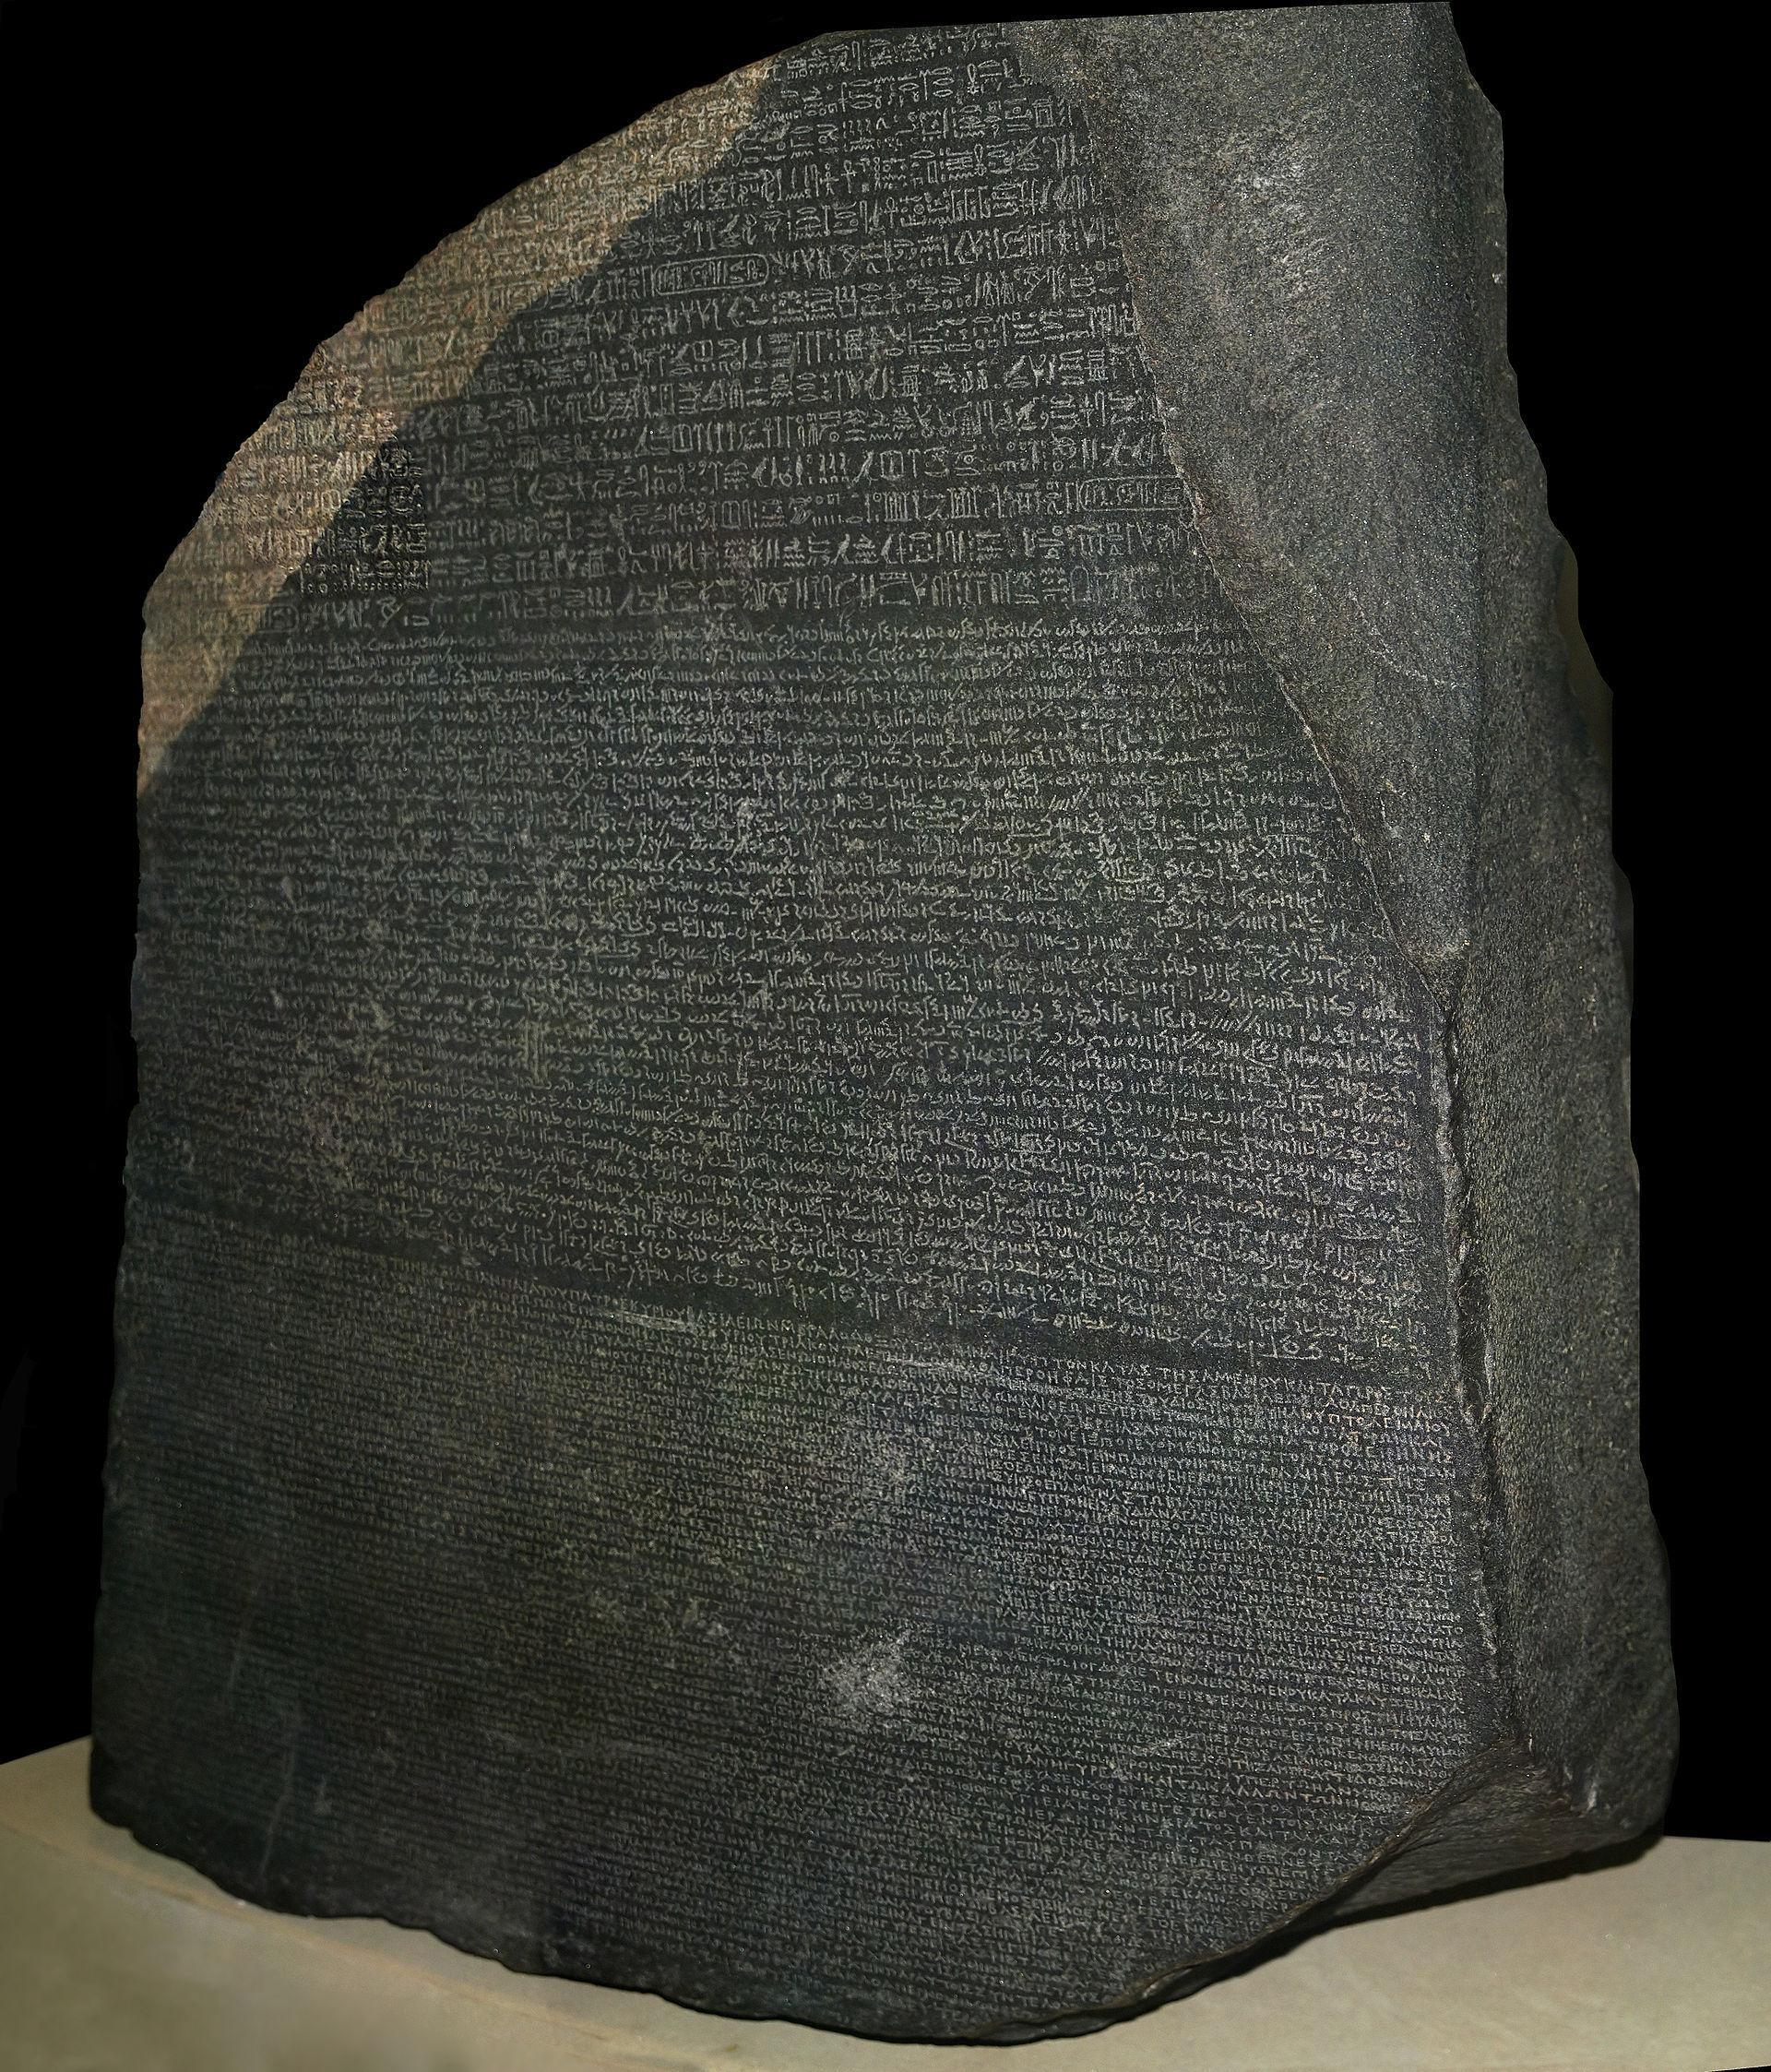 descobertas-arqueologicas_04